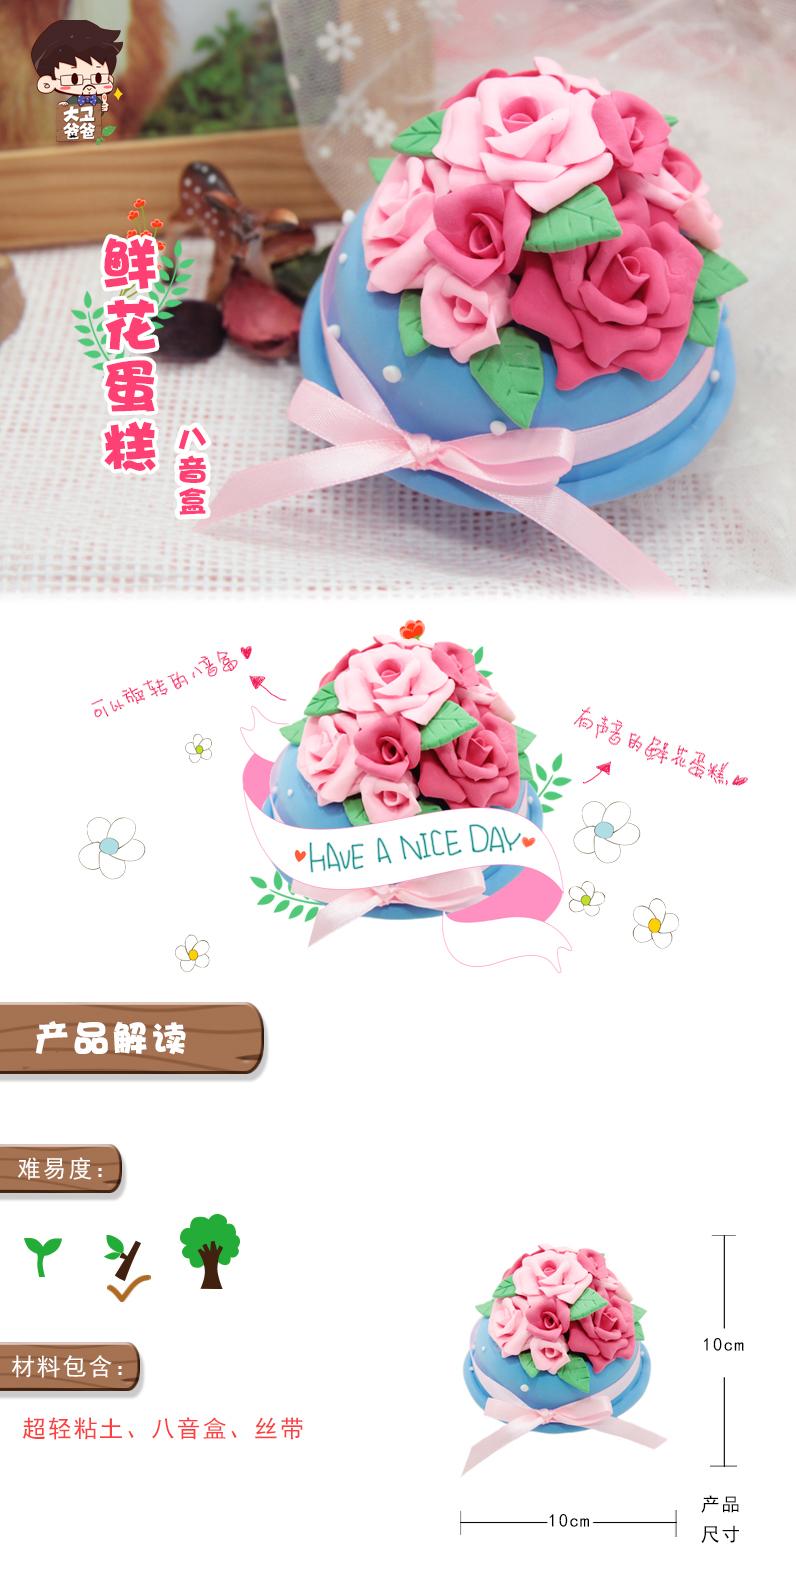 超轻粘土鲜花蛋糕音乐盒儿童手工diy制作材料包幼儿园